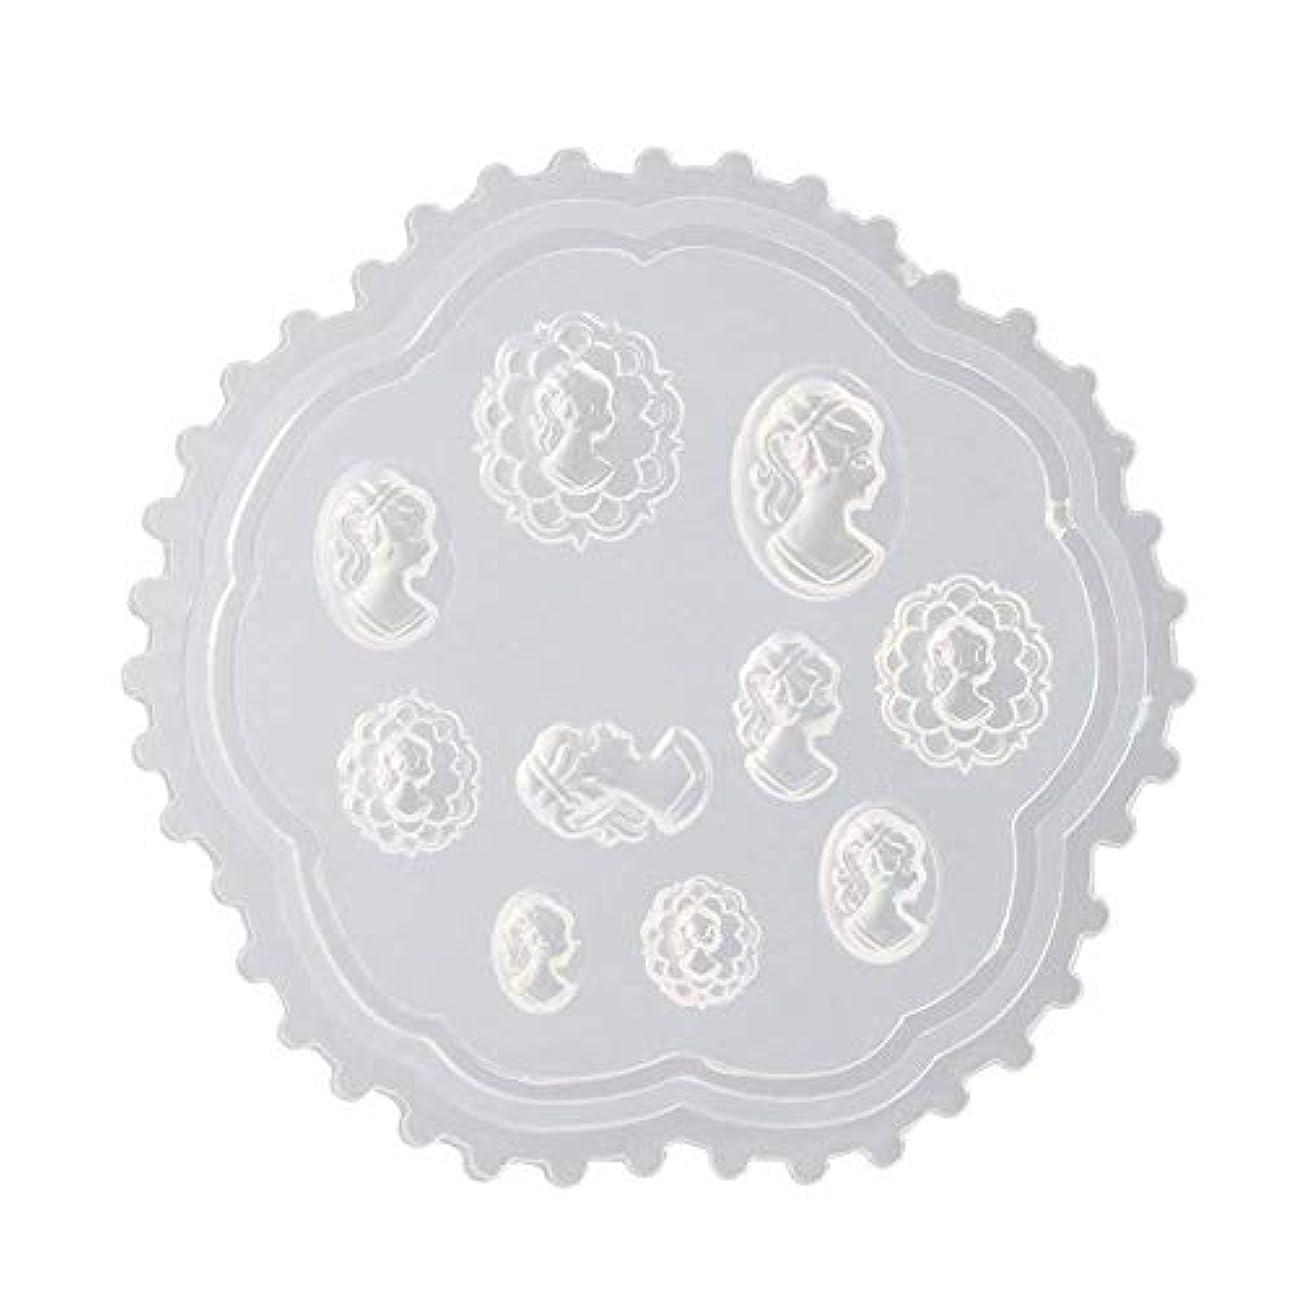 見せます許可透過性coraly 3Dシリコンモールド ネイル 葉 花 抜き型 3Dネイル用 レジンモールド UVレジン ネイルパーツ ジェル ネイル セット アクセサリー パーツ 作成 (2)